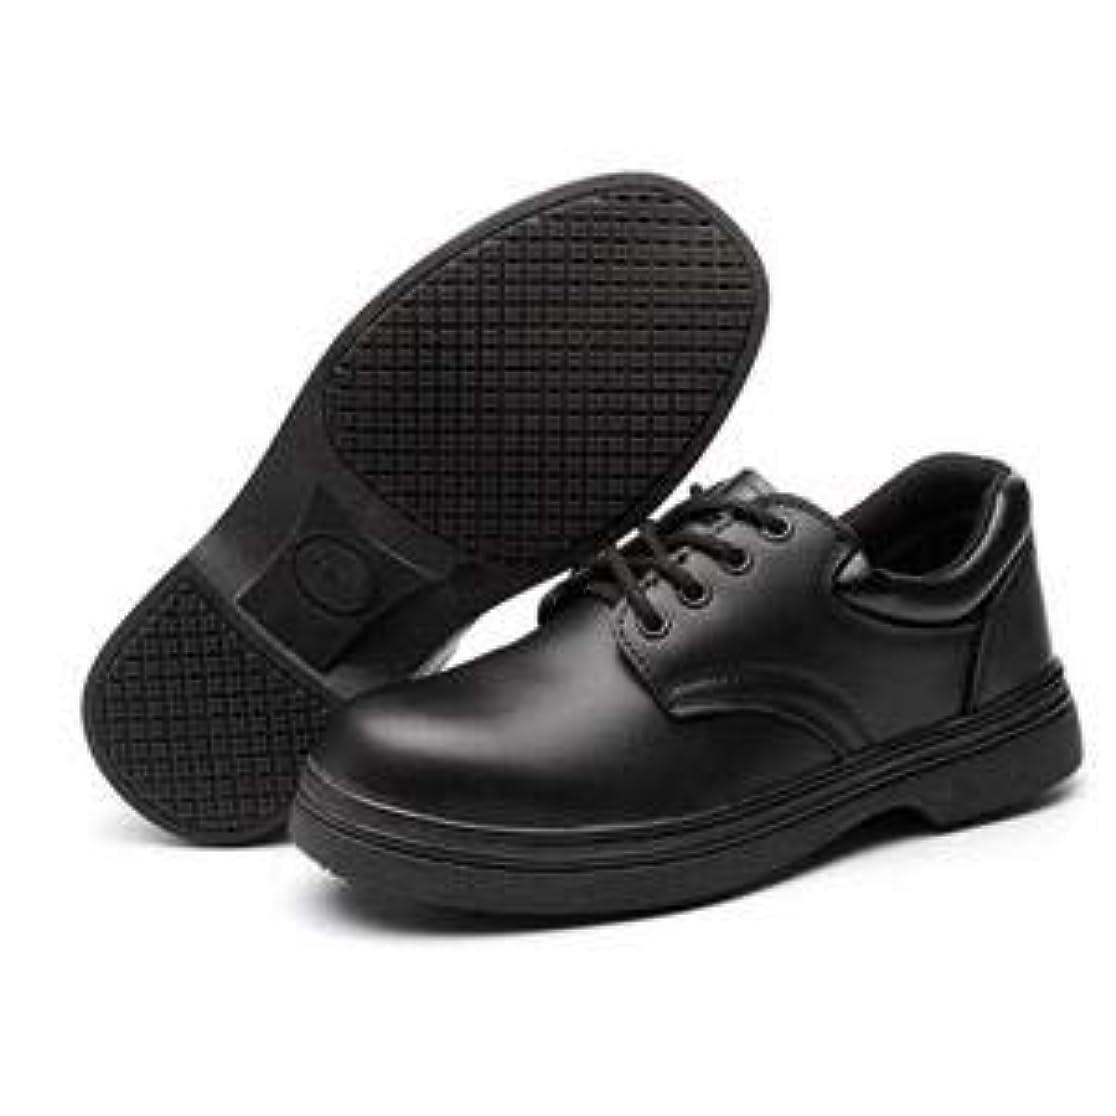 時間とともにミキサー主要な5W 安全靴 作業靴 ハイカット メンズ 防水 耐油 通気 鋼先芯入 ウレタン二層底 スニーカー ブーツ シューズ 靴 防滑 踏み貫き